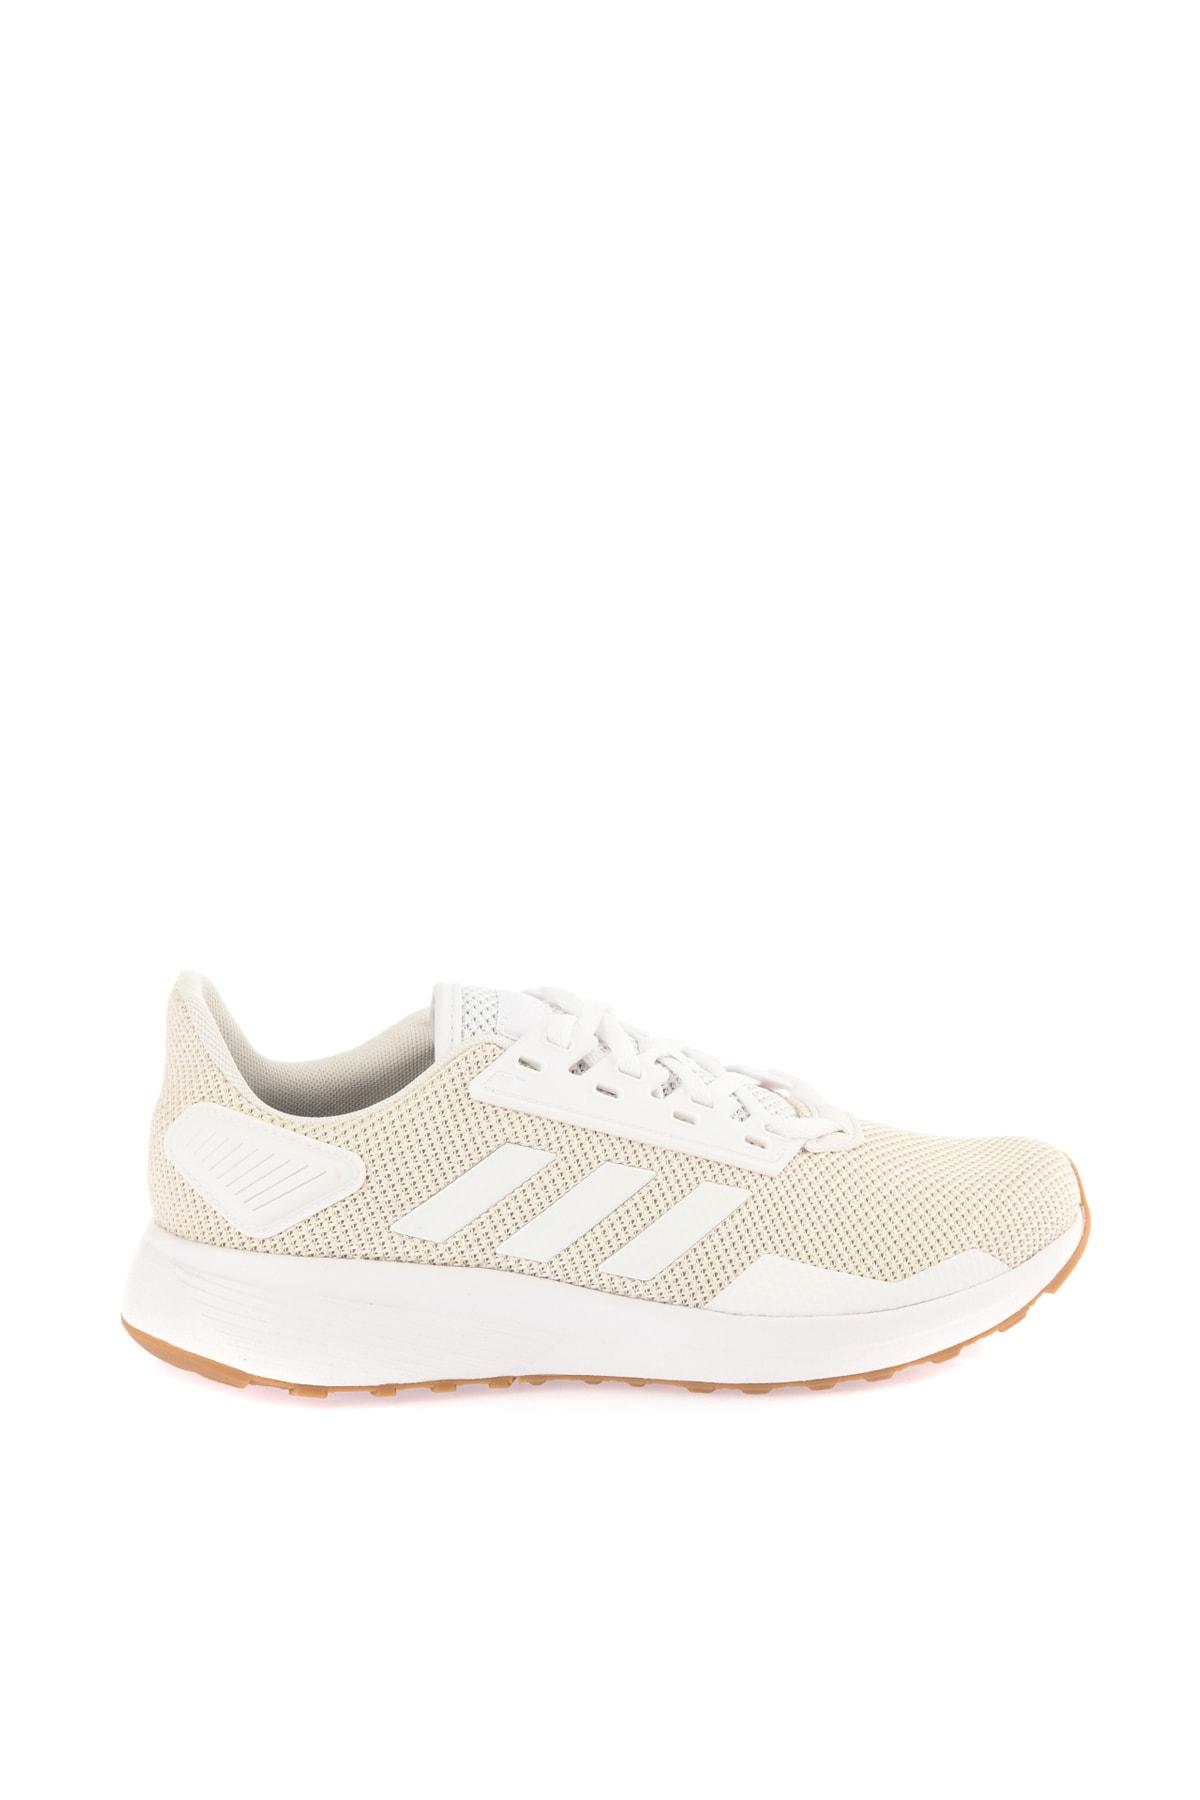 adidas DURAMO 9 Beyaz Erkek Koşu Ayakkabısı 100409034 2